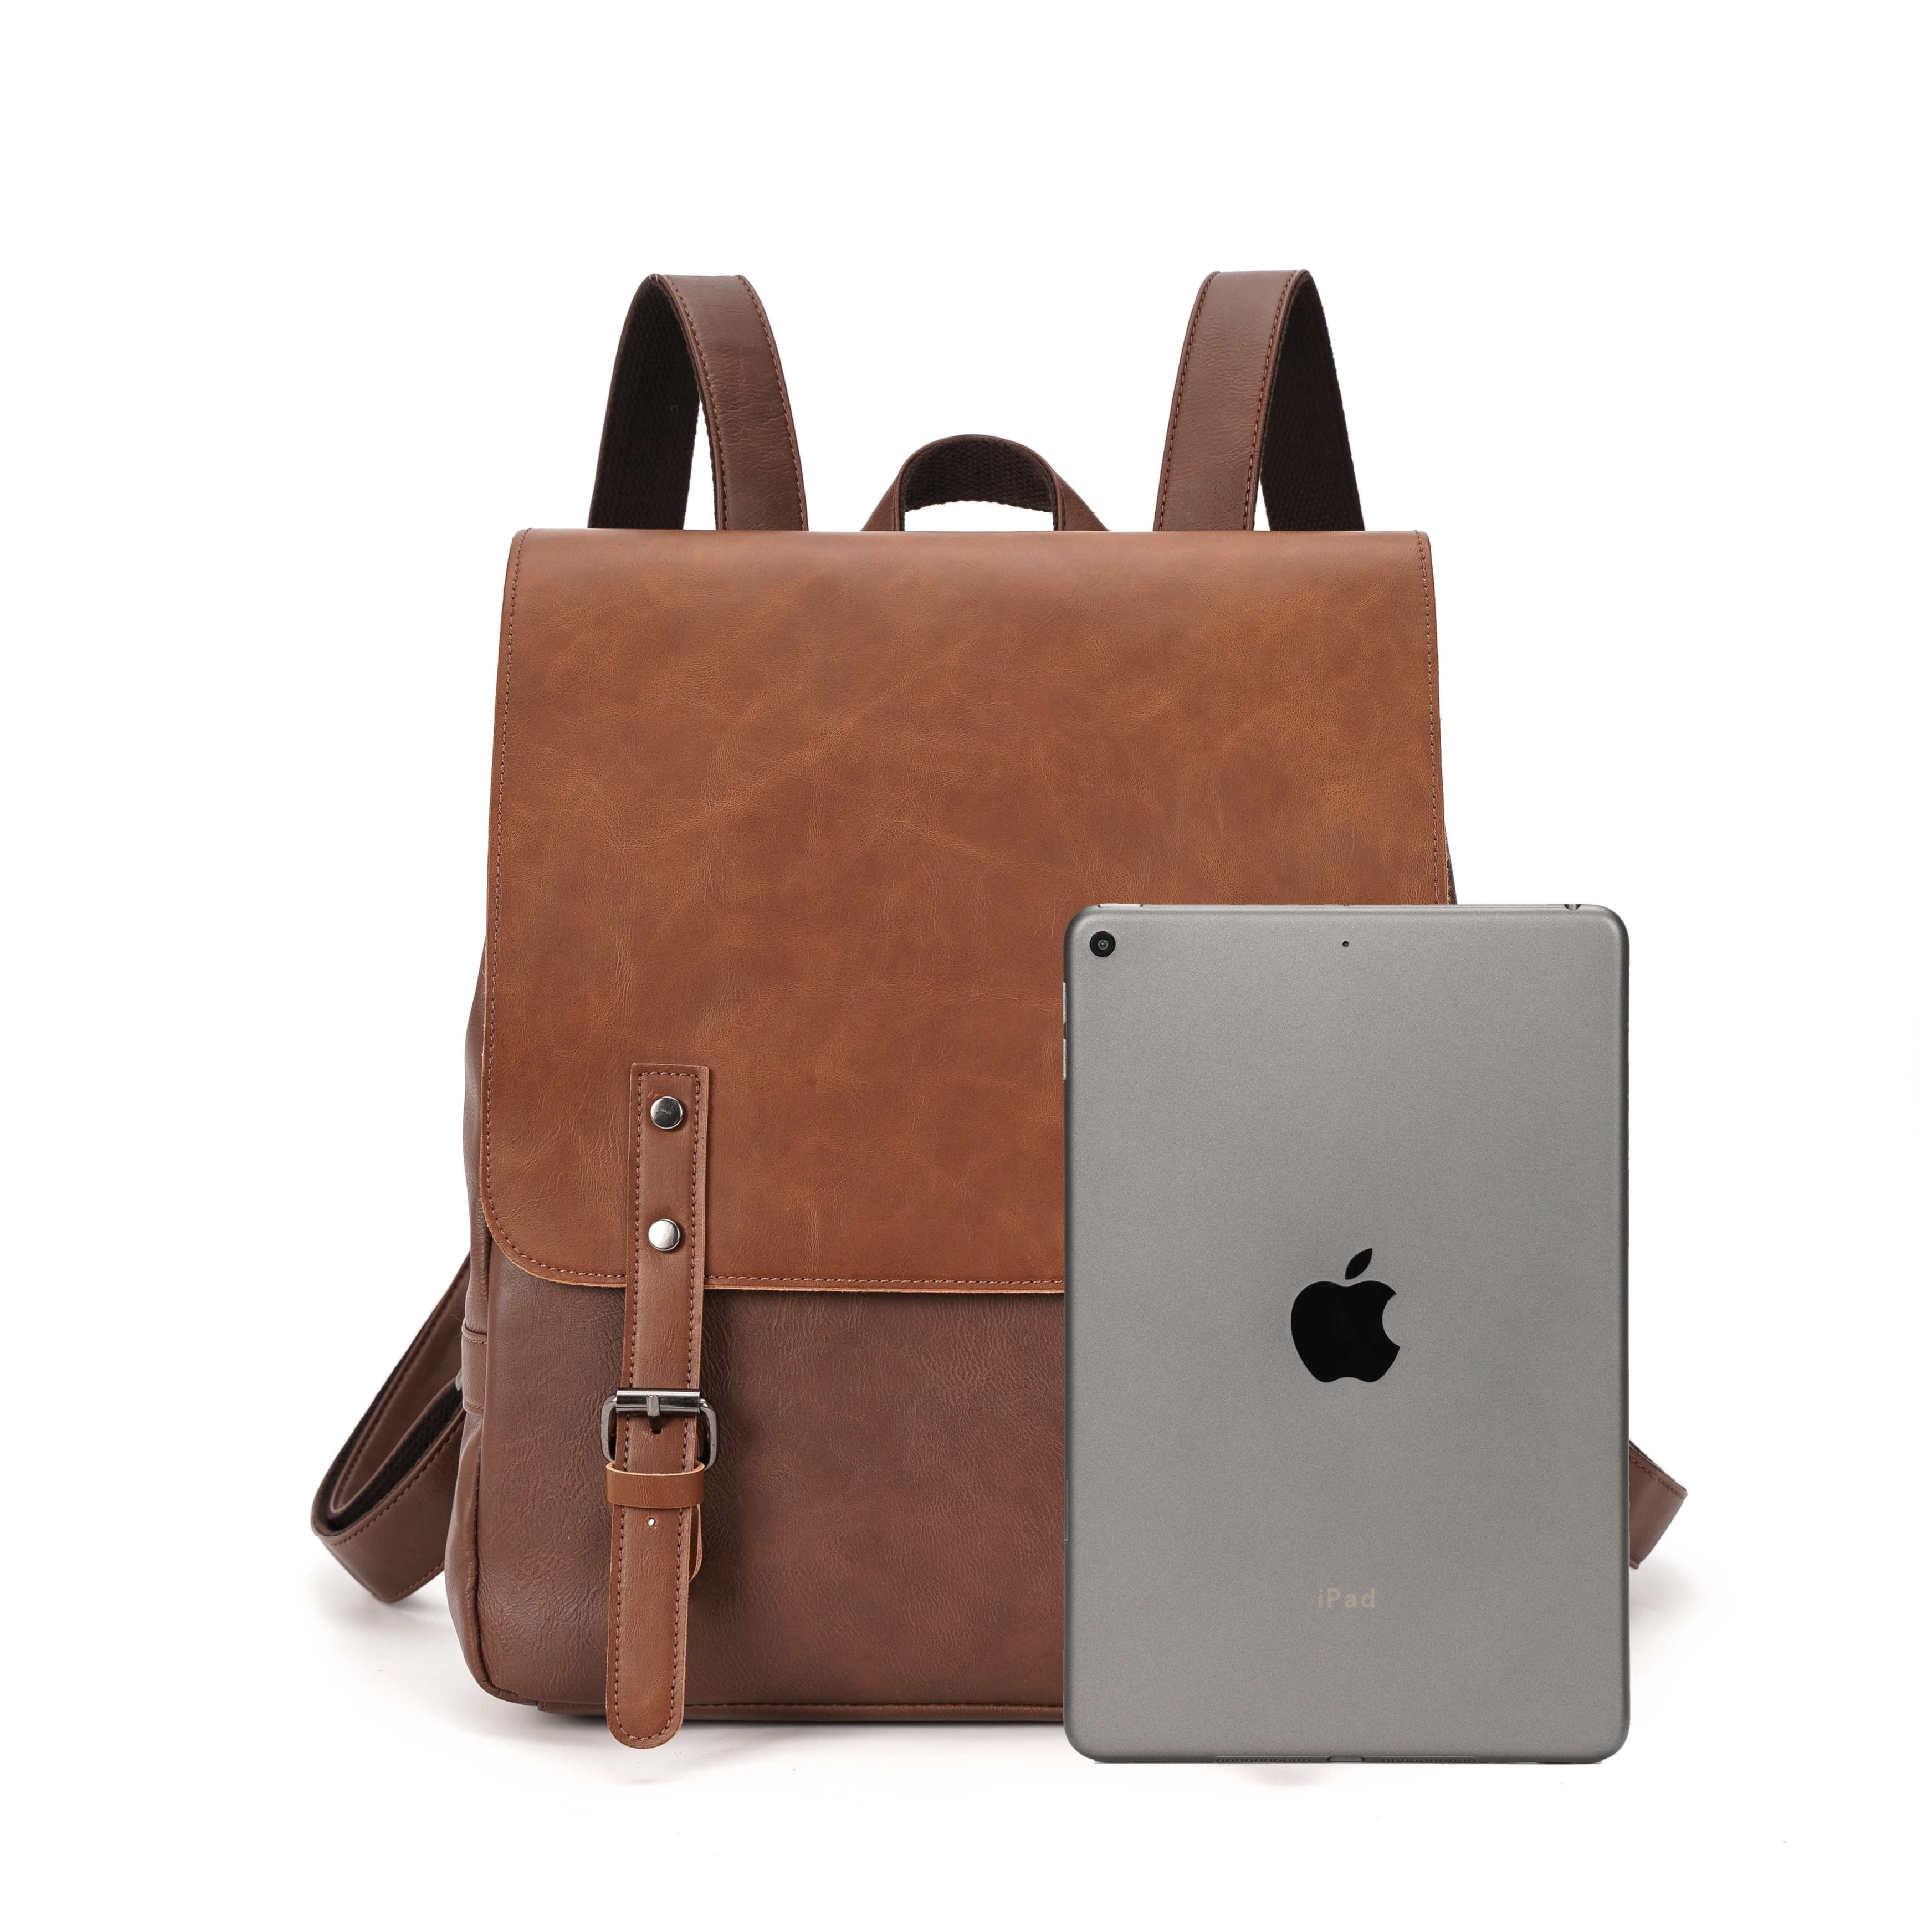 mochila saco de escola estilo popular laranja